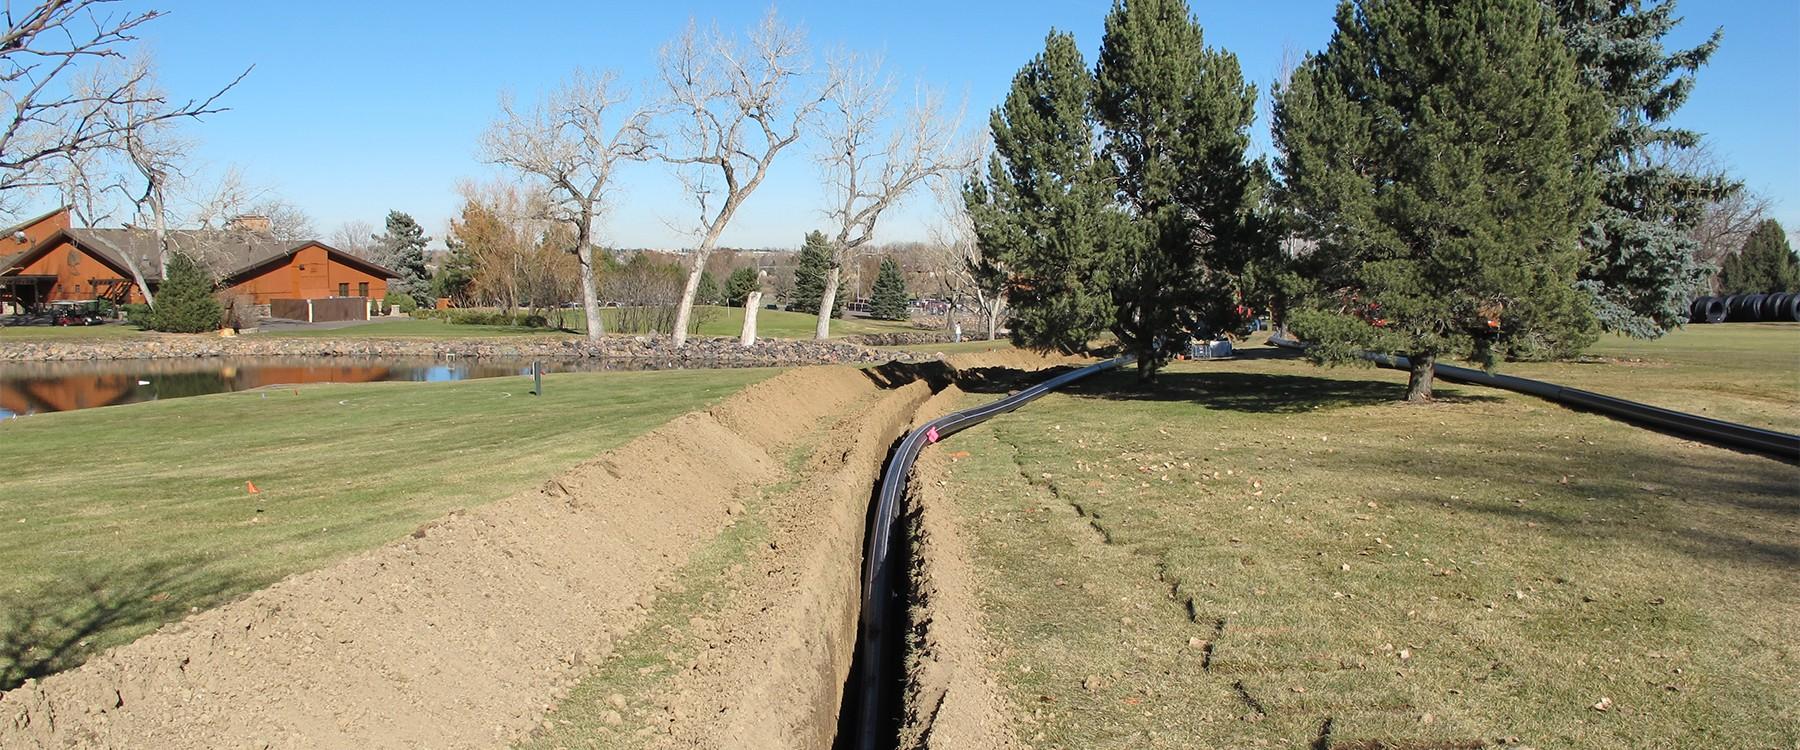 IrrigationTechnologies2